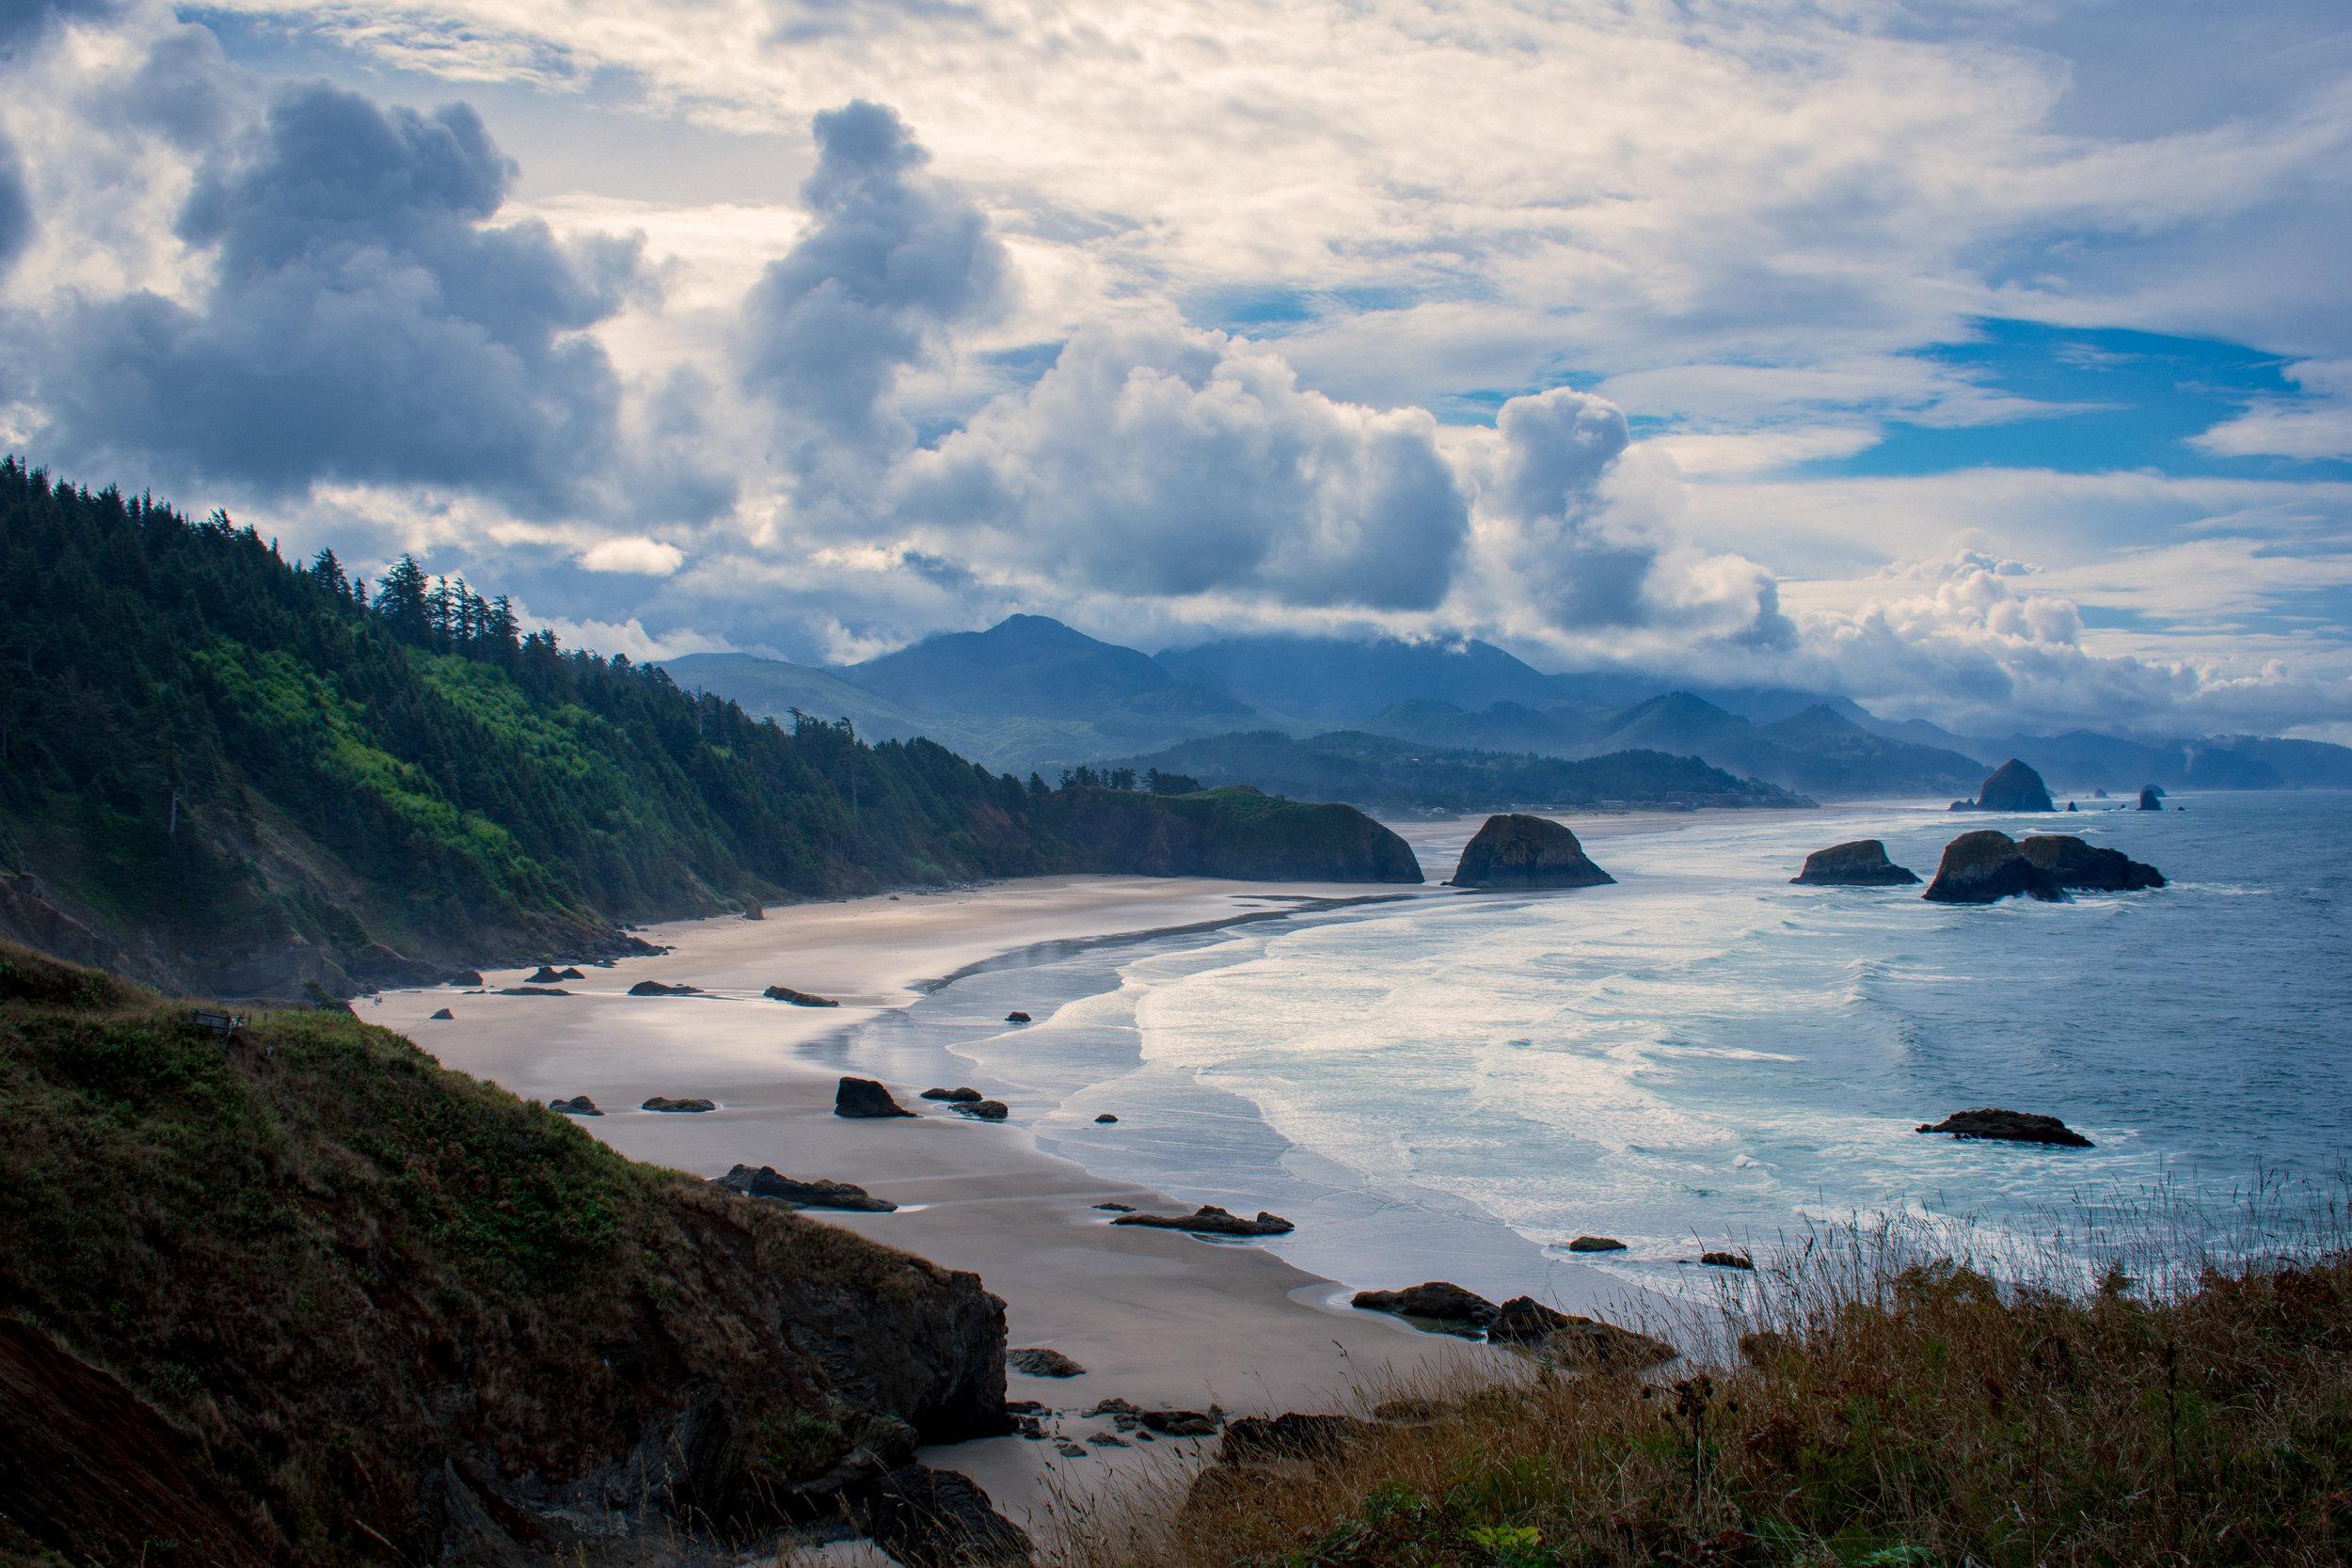 Oregon's Pacific coast.